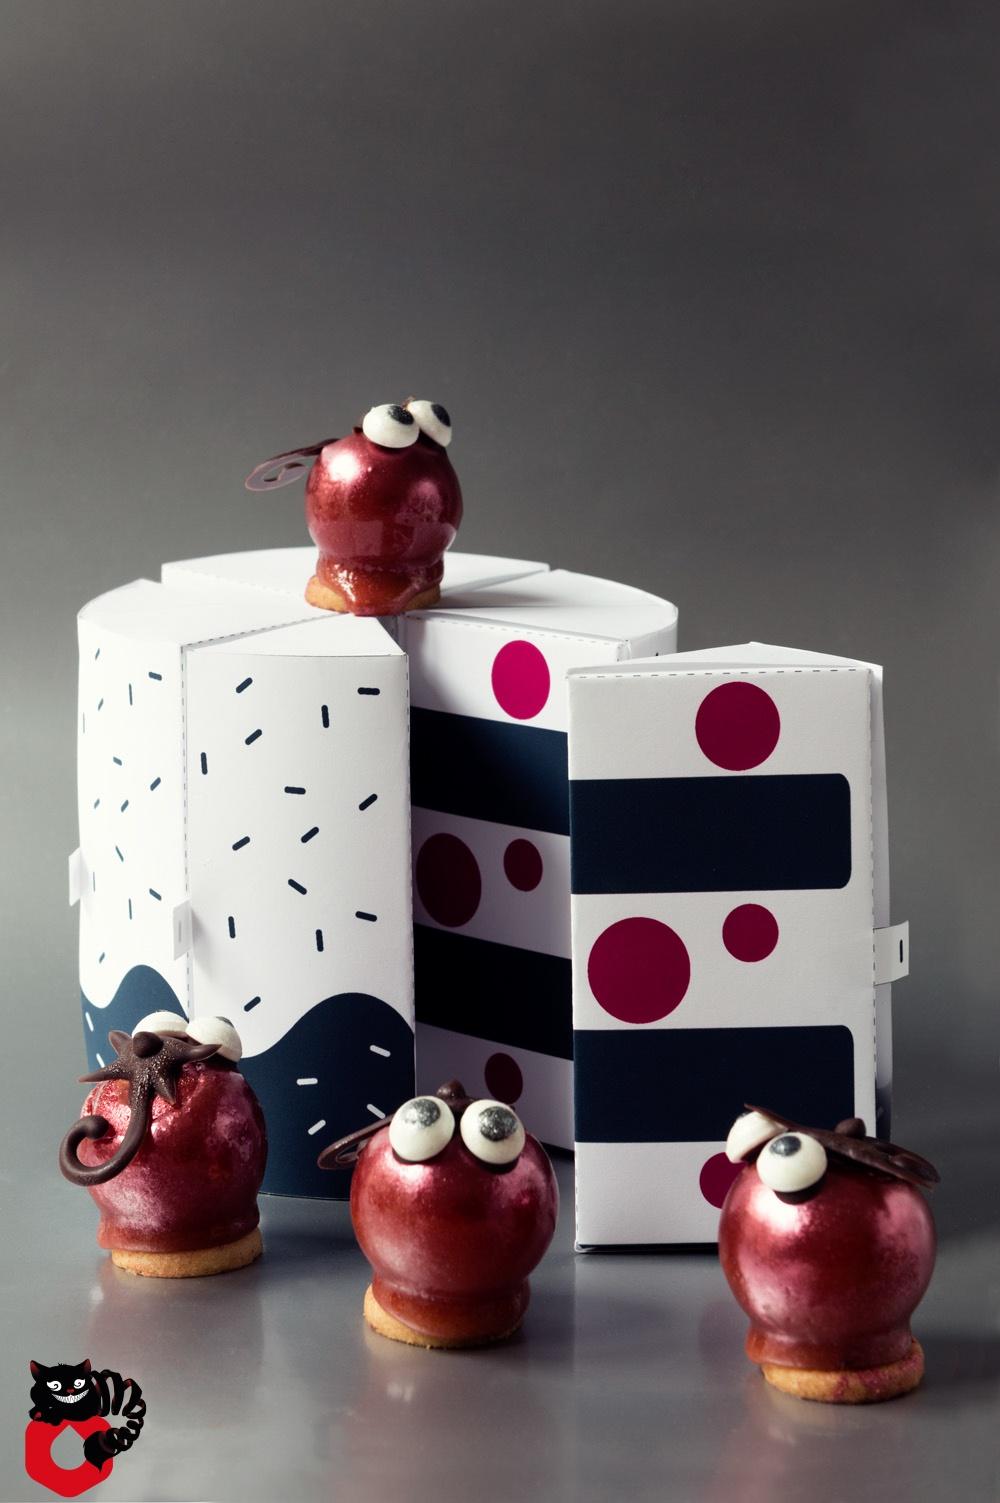 La cerise sur le gâteau 2DV - Collab sanglota & Qui a vole les tartes